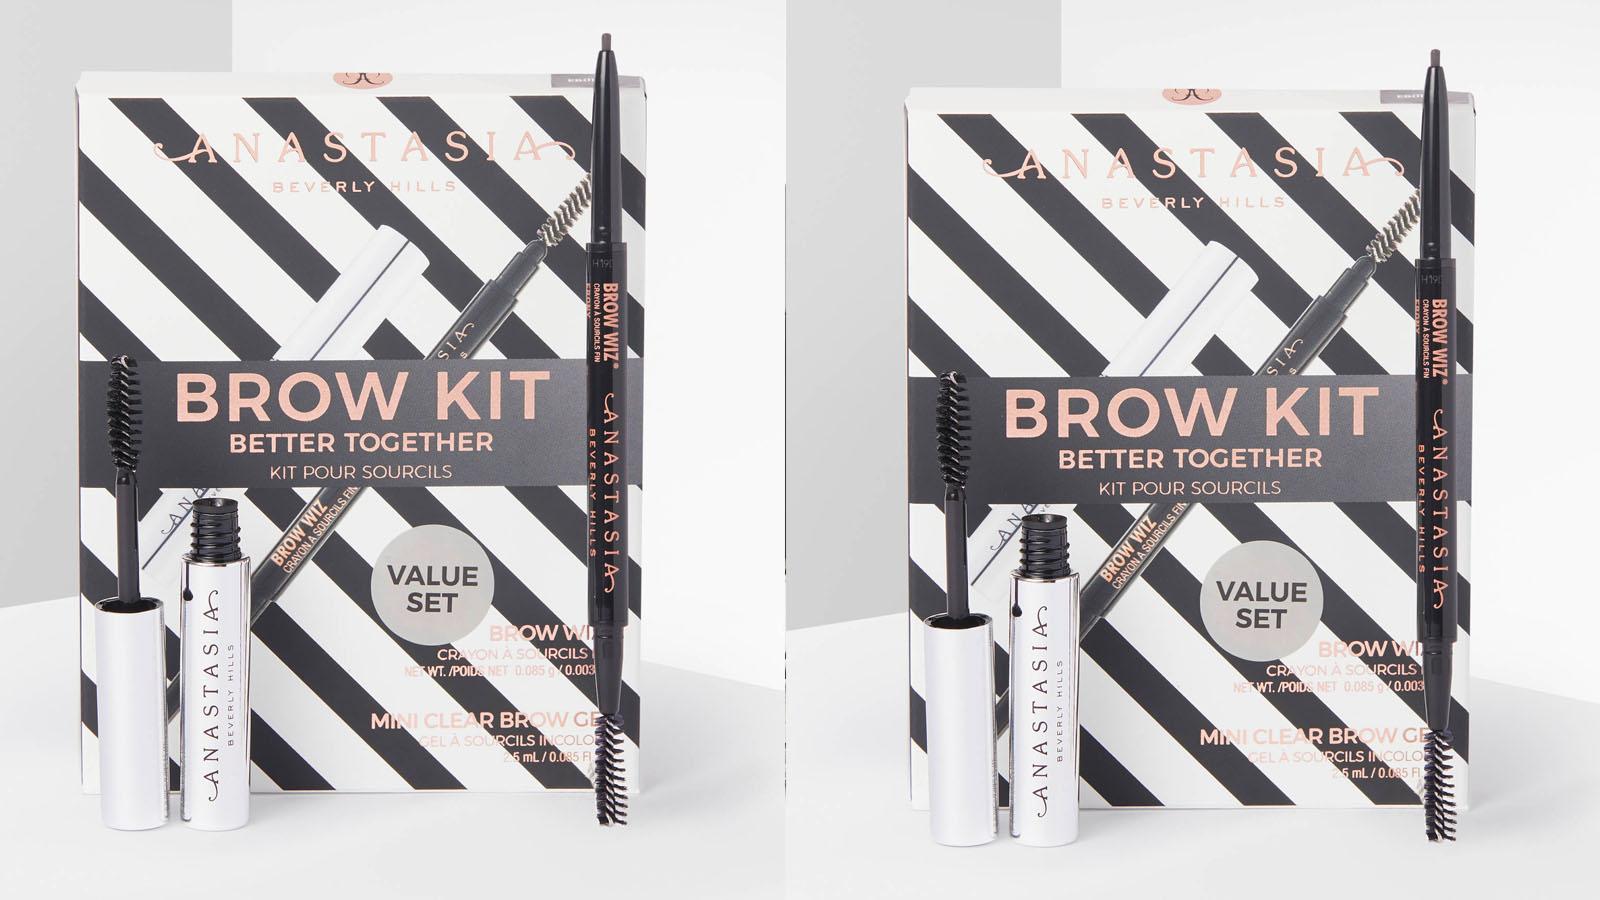 ABH brow kit